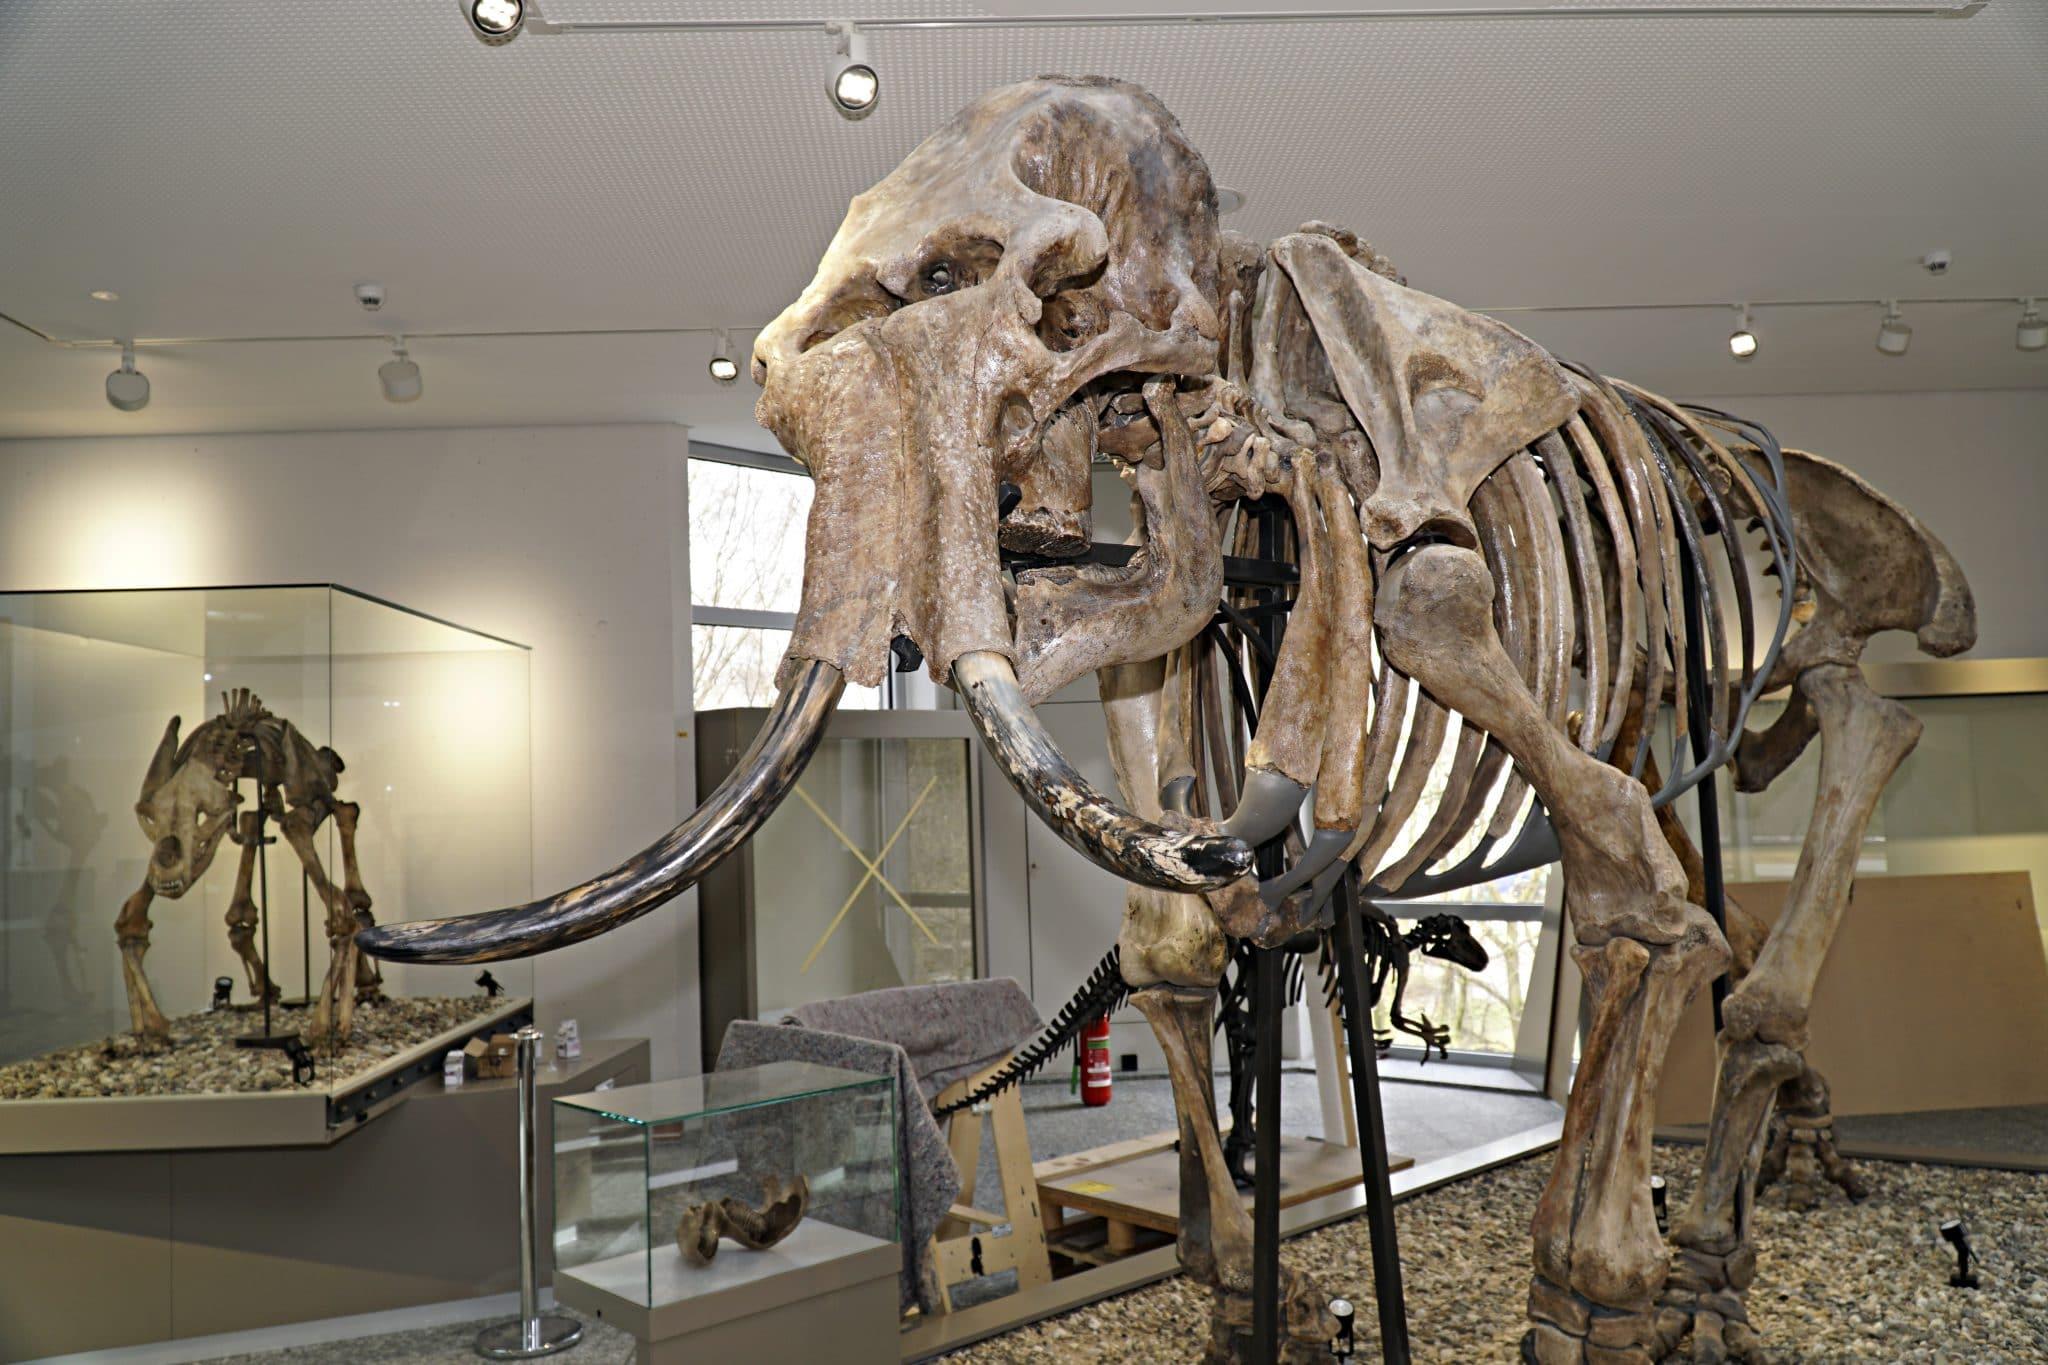 Die Dortmunder*innen  müssen in der nächsten Zeit auch auf den Besuch im Naturmuseum verzichten. (Foto: Wir in Dortmund)